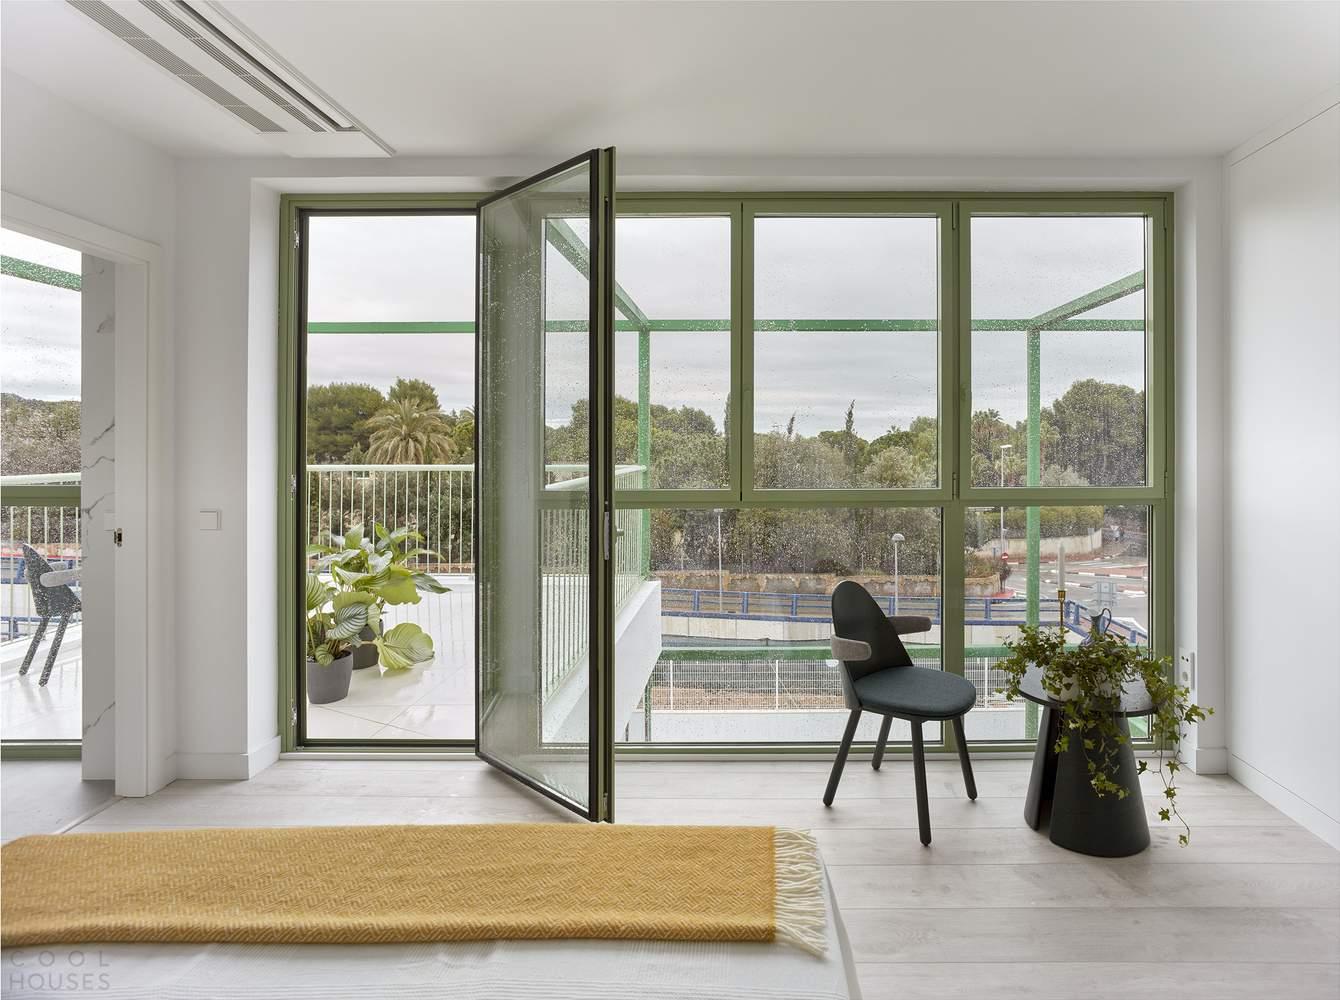 Модульный дом с кирпичными сводами и стальной зеленой решеткой, Испания